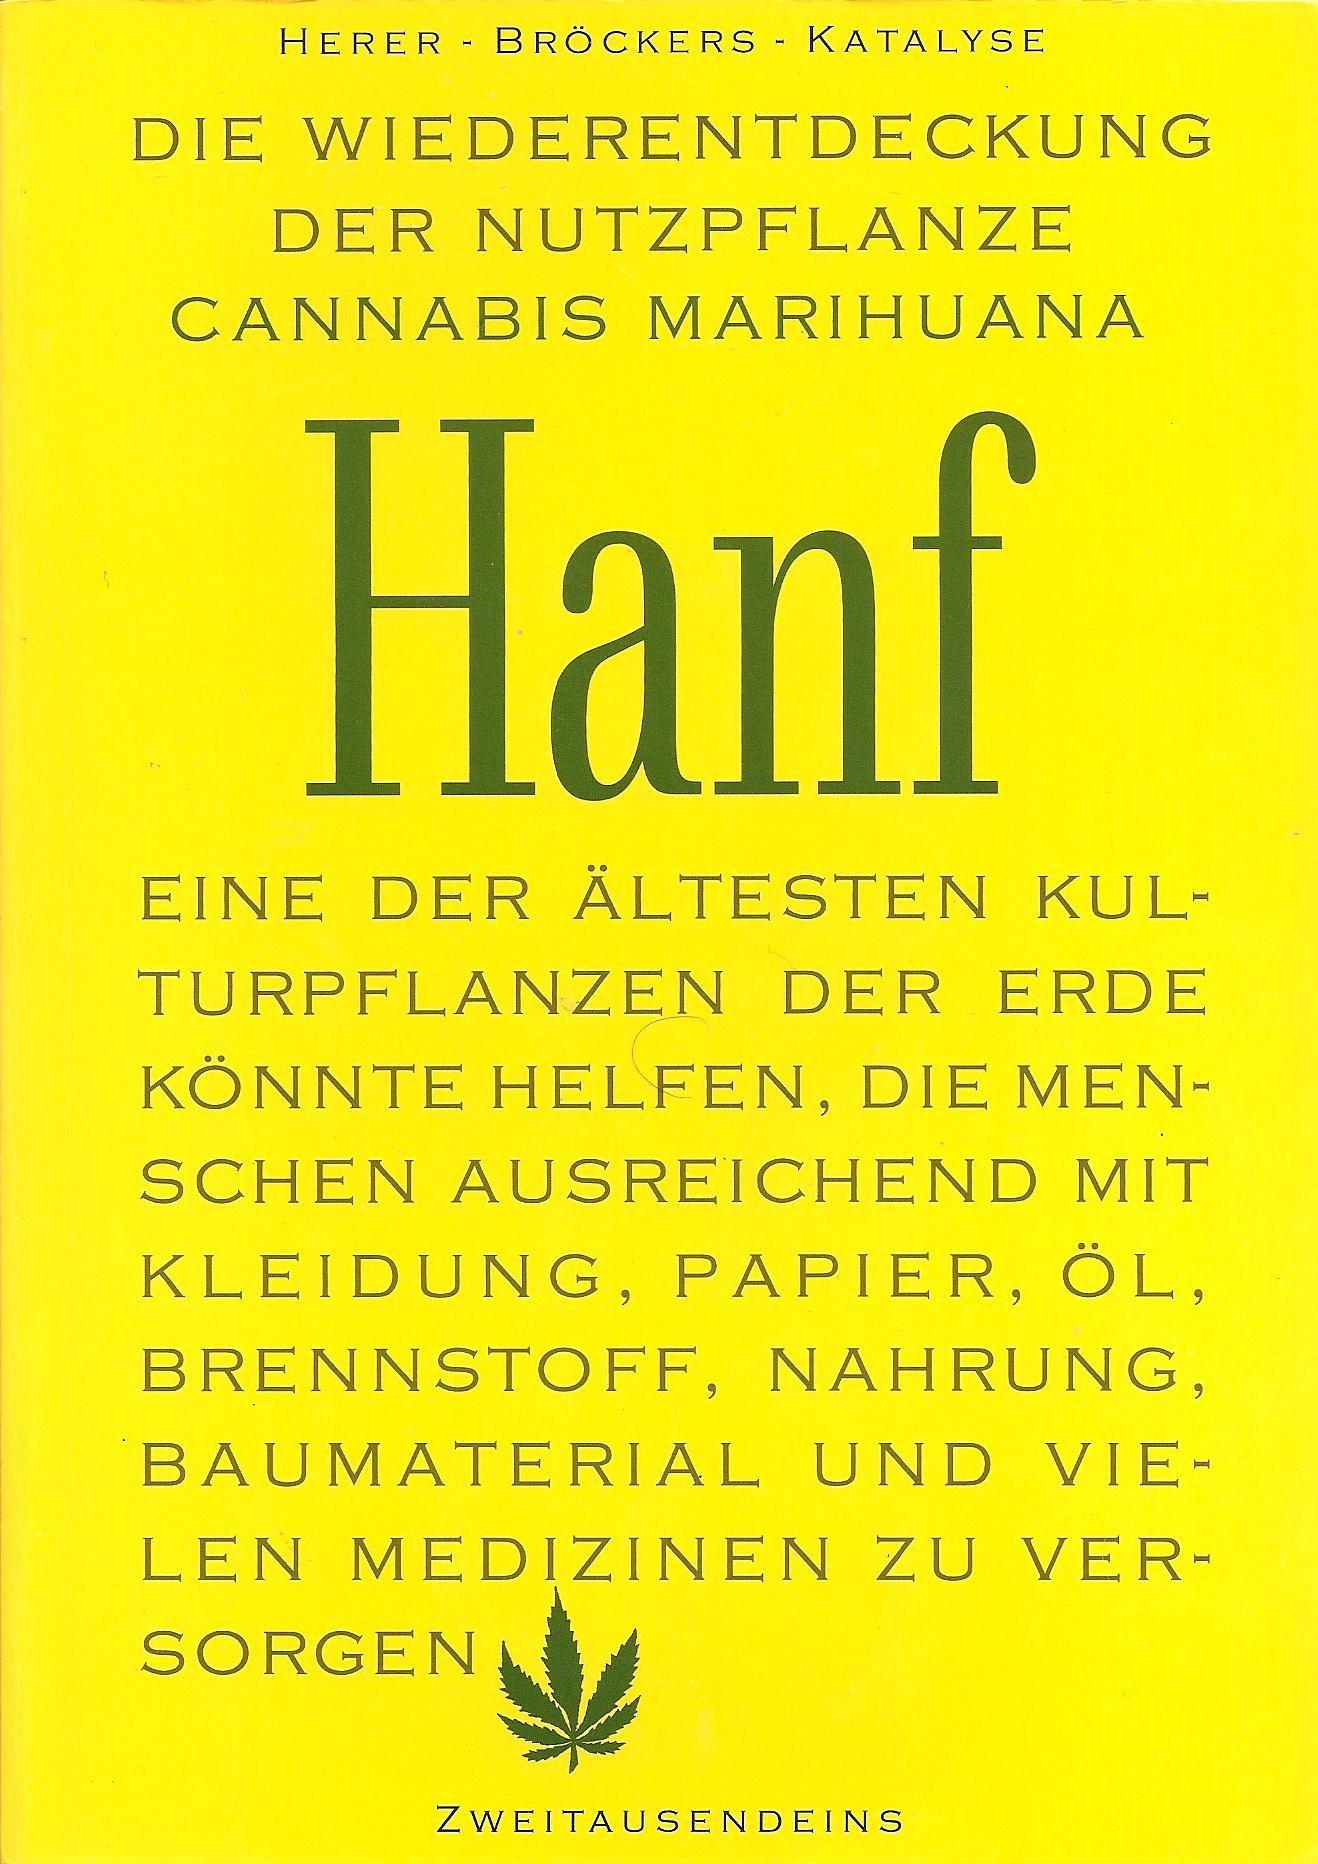 Die Wiederentdeckung der Nutzpflanze HANF Cannabis Marihuana